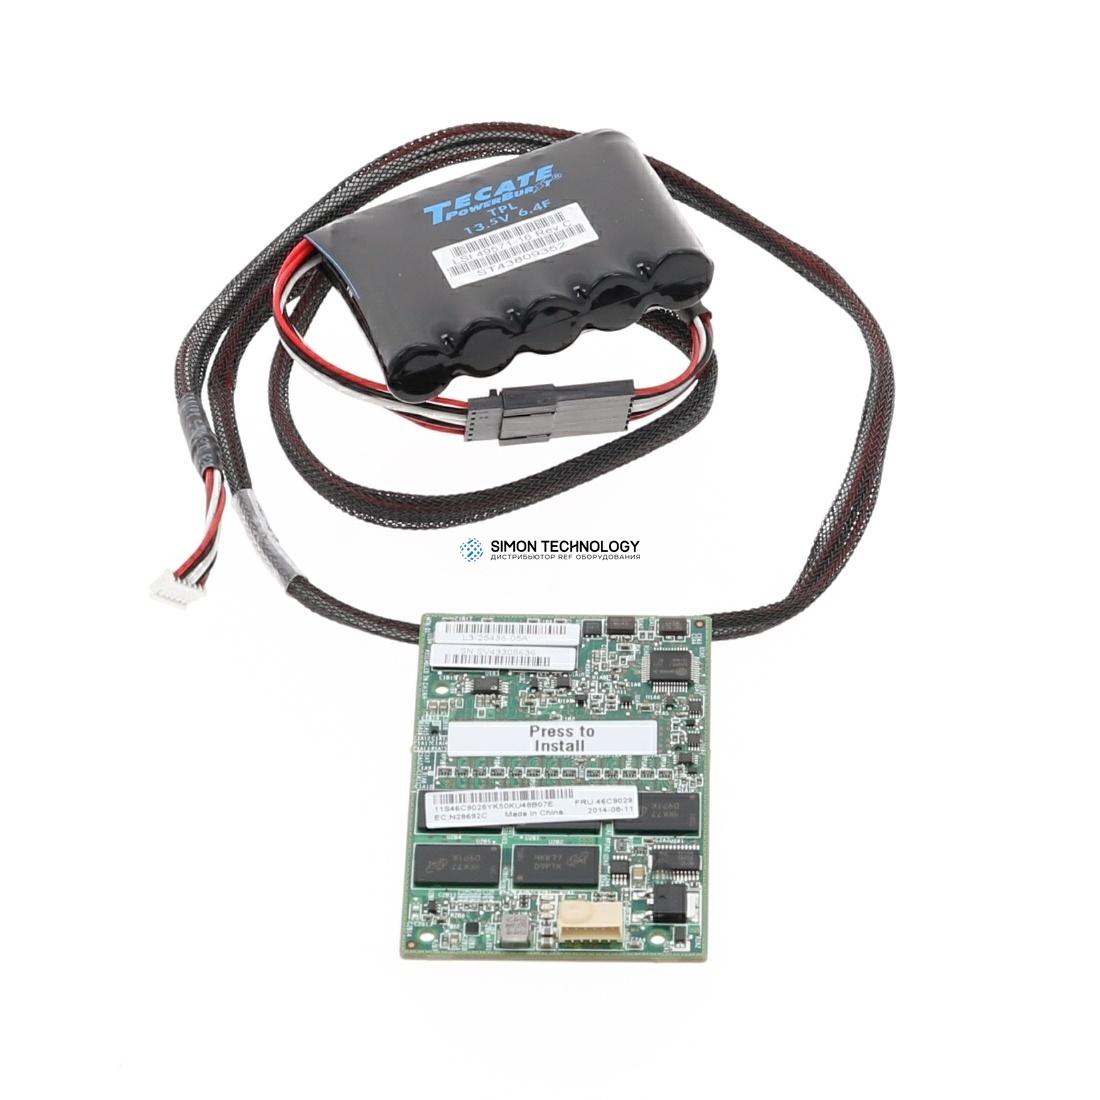 IBM Express ServeRAID M5100 Series 1GB Flash/RAID 5 Up Upgrade for IBM System x (00Y3672)